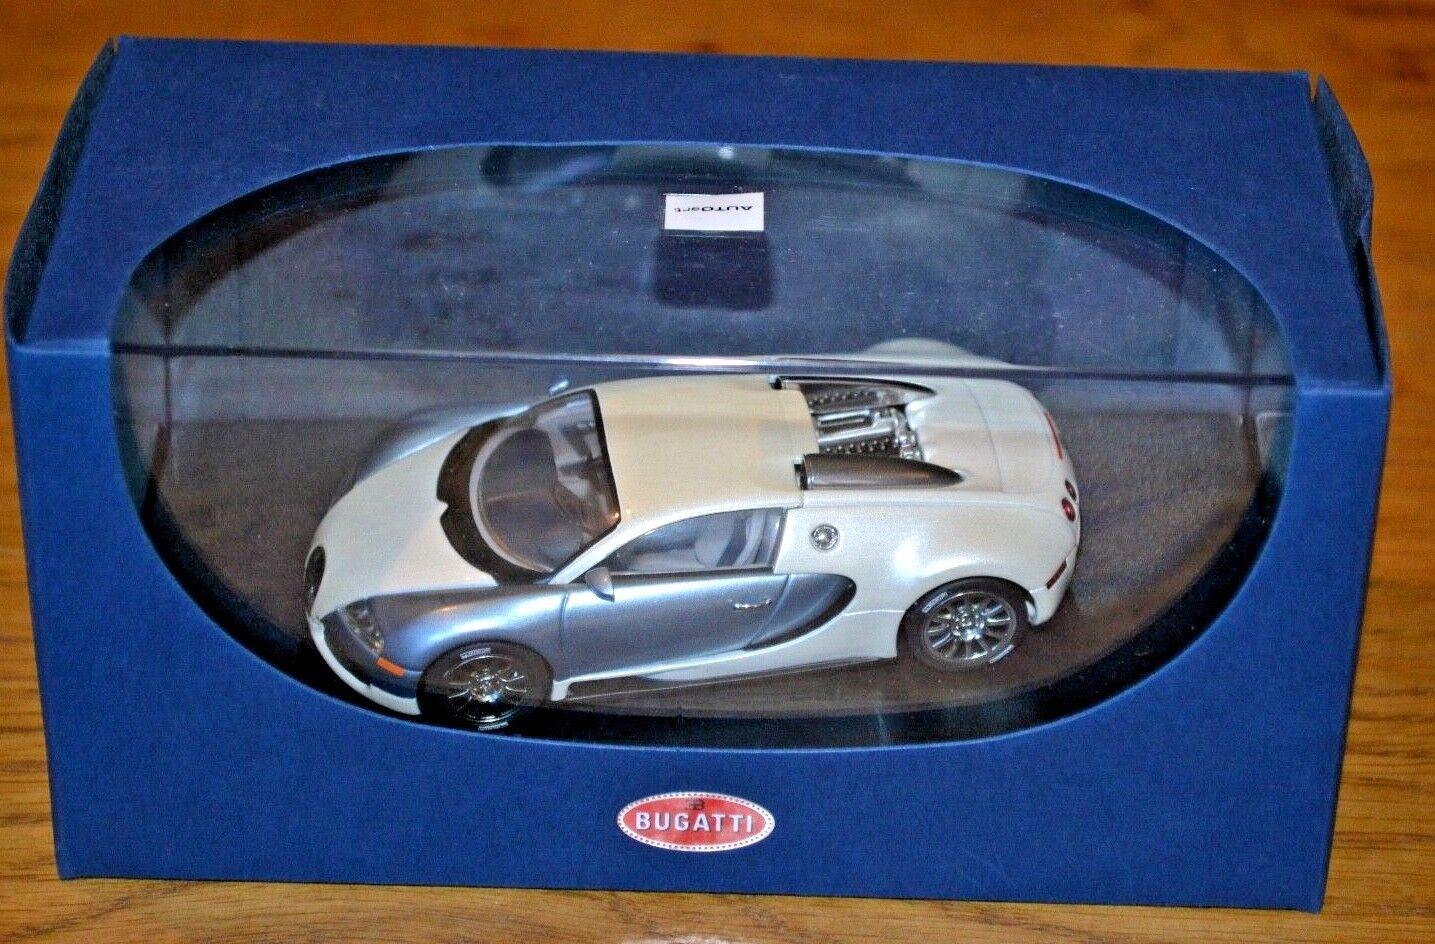 Autoart 1 43 Bugatti 16.4 Veyron; Cream and bluee Metallic  near mint